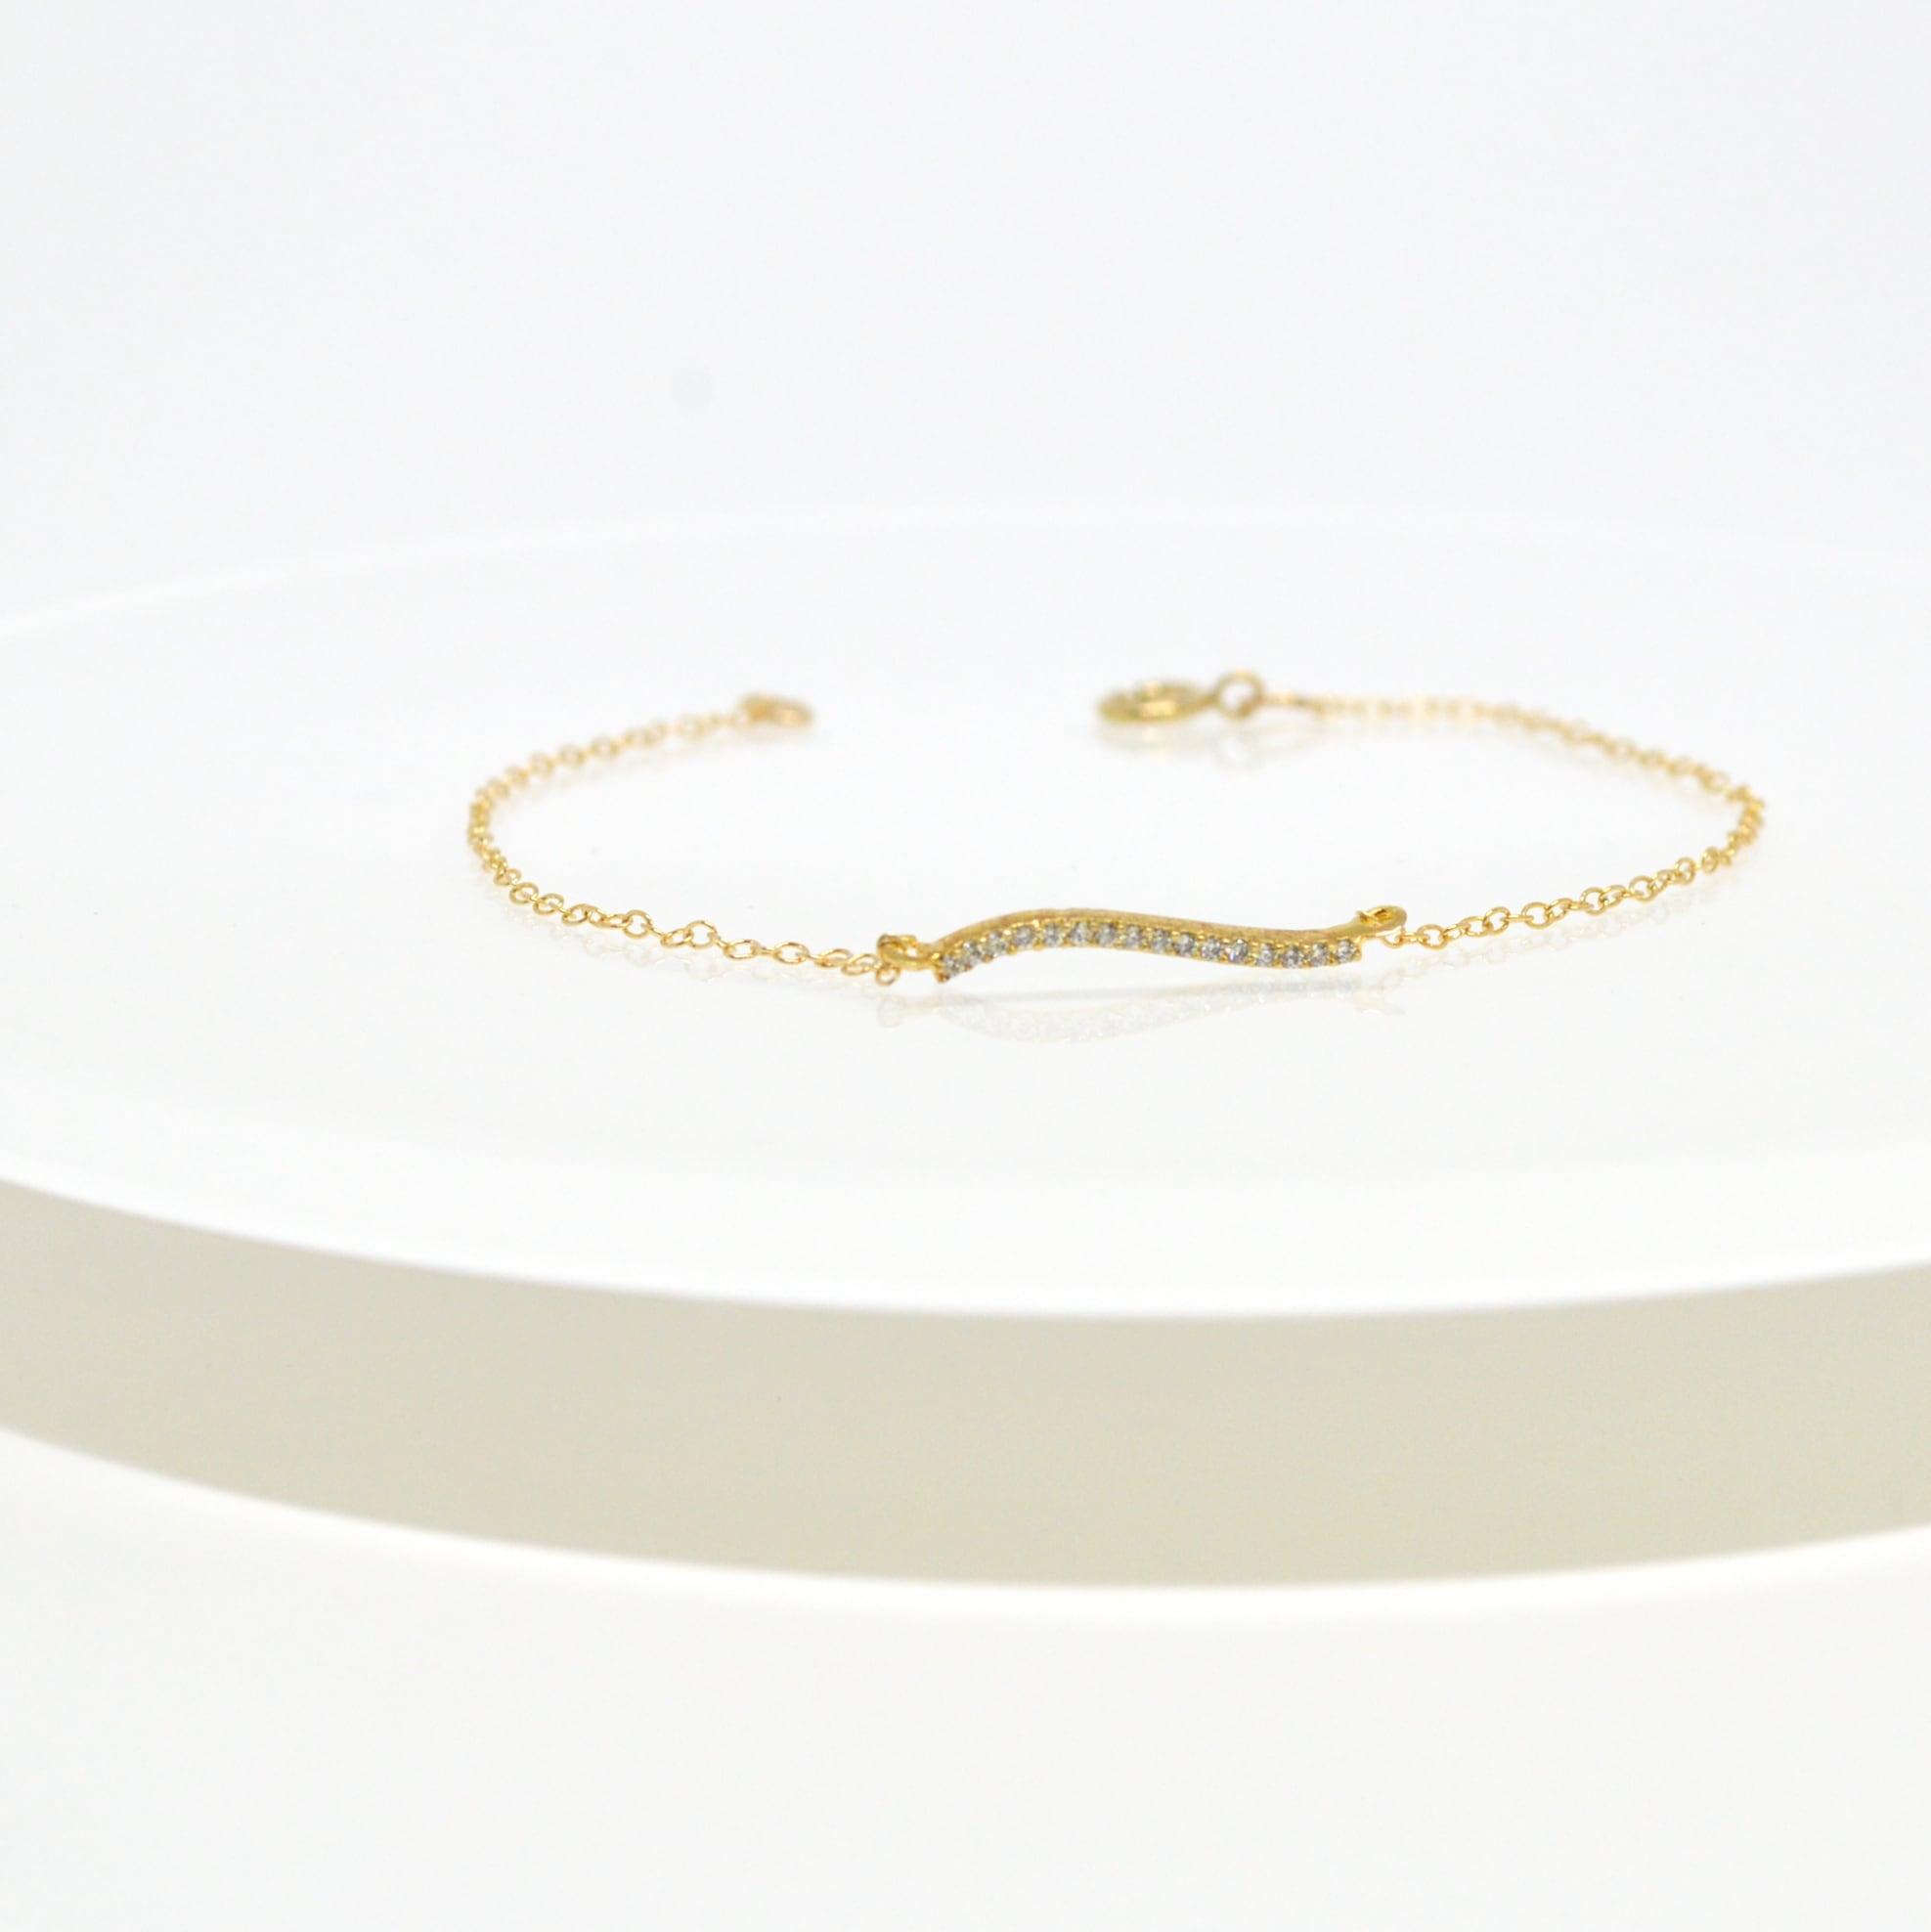 14kgf Curve Line CZ Bracelet